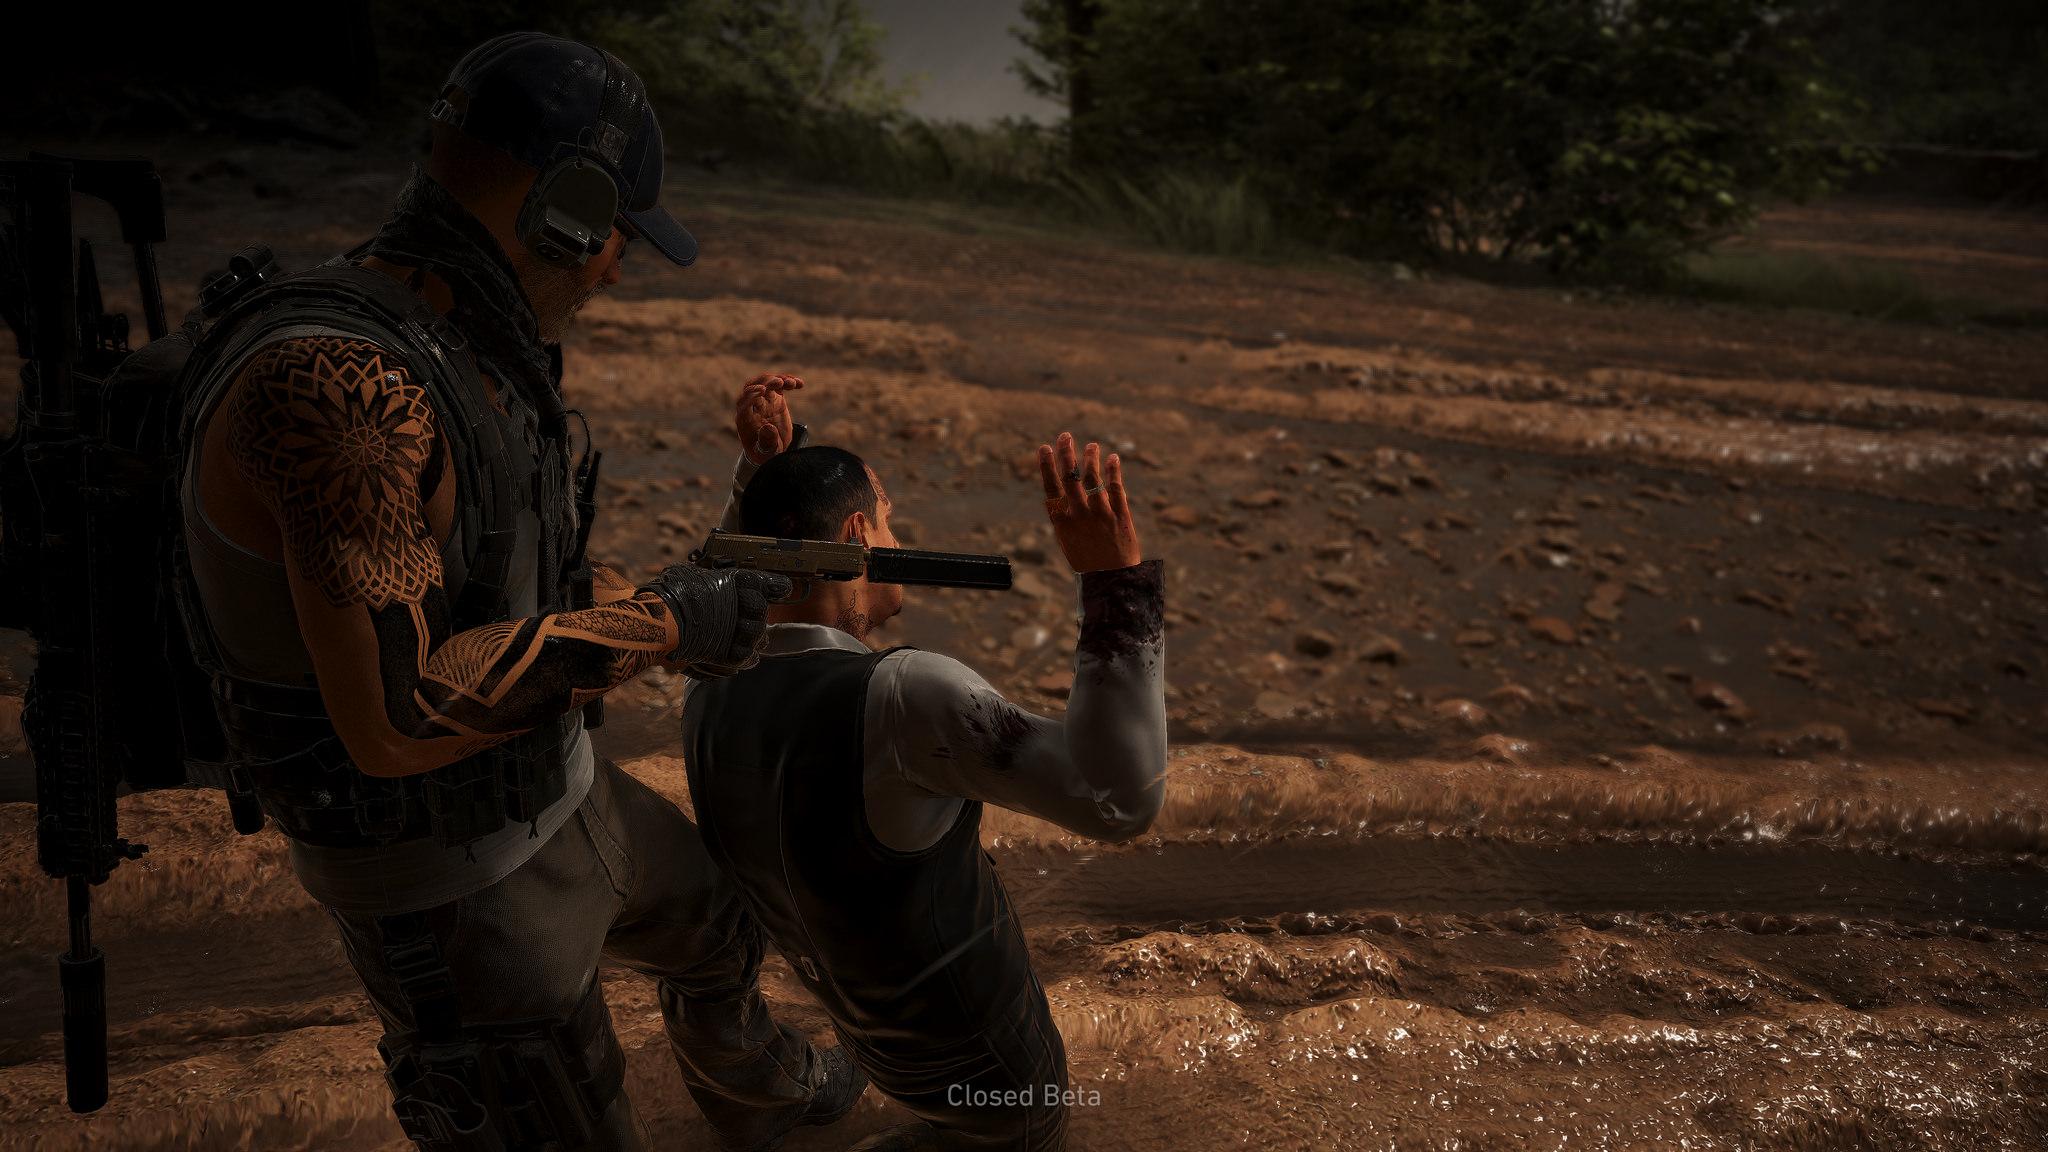 ghost recon wildlands beta 4k screenshots (7)